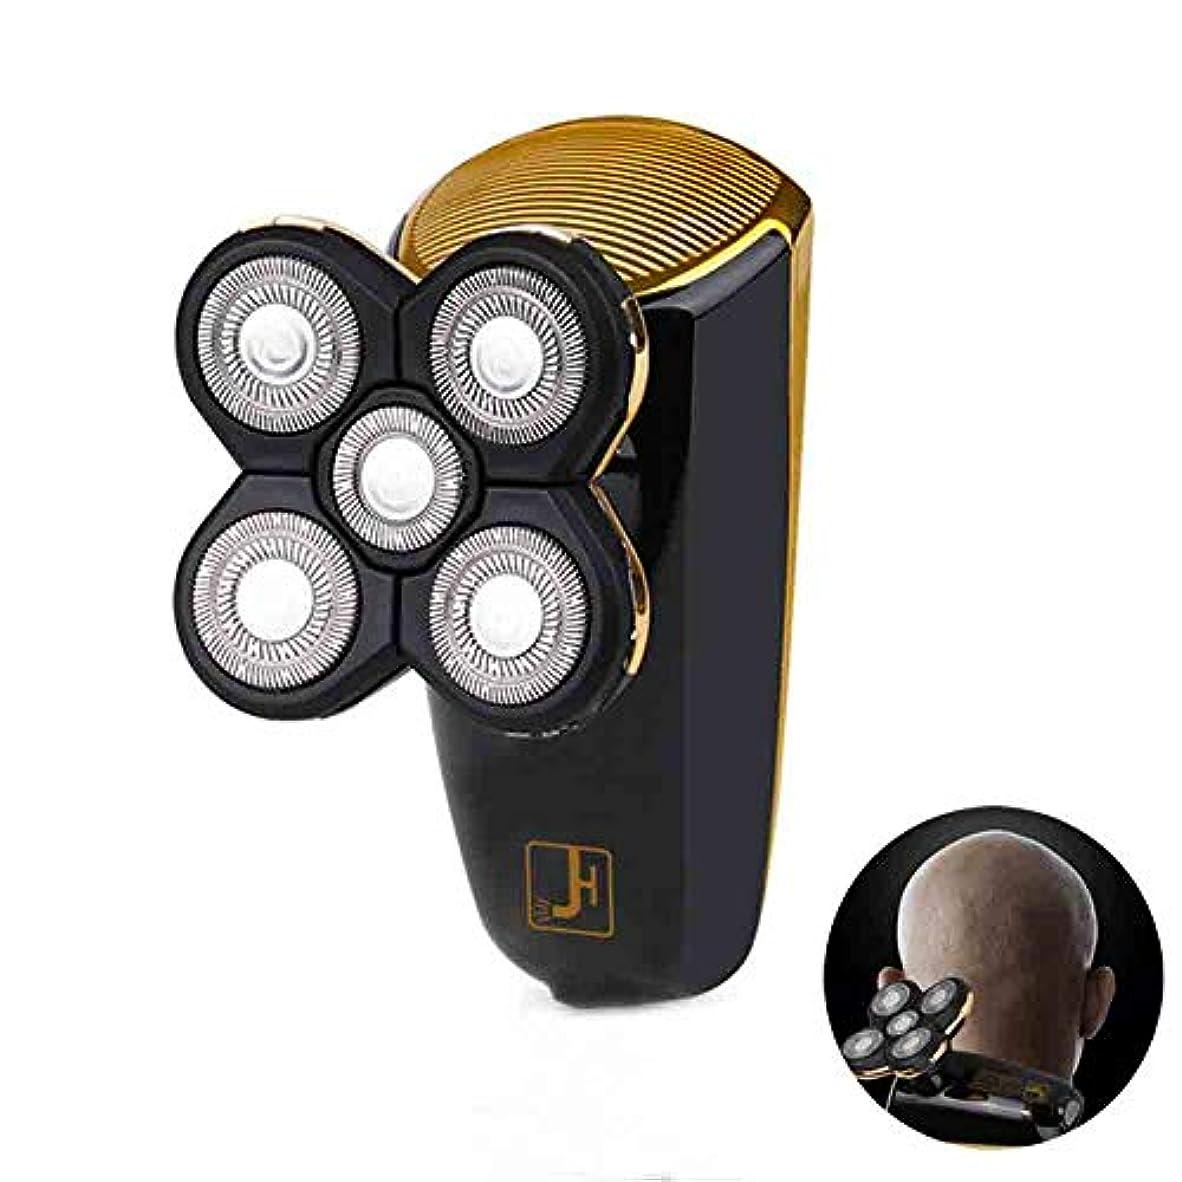 弱いリマーク信条電気シェーバー、USB 充電5頭電気シェーバー全身洗浄することができます、LED ブートディスプレイ車脱毛、黒